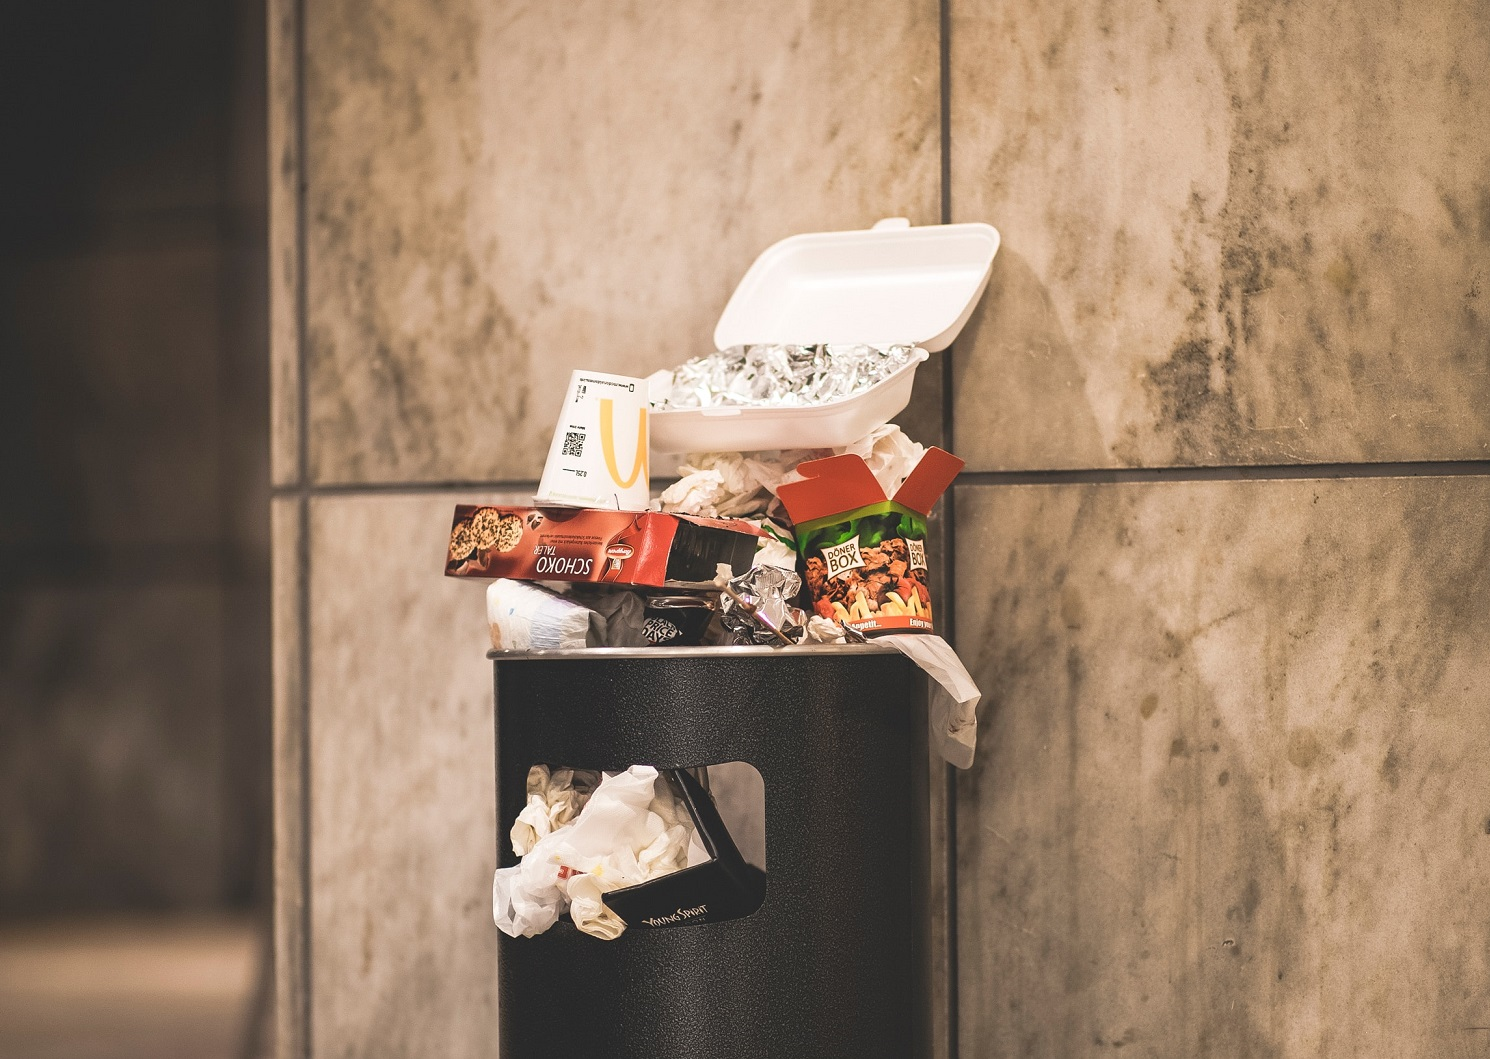 Žaliasis kursas: kaip mažinti išmetamo maisto kiekius?